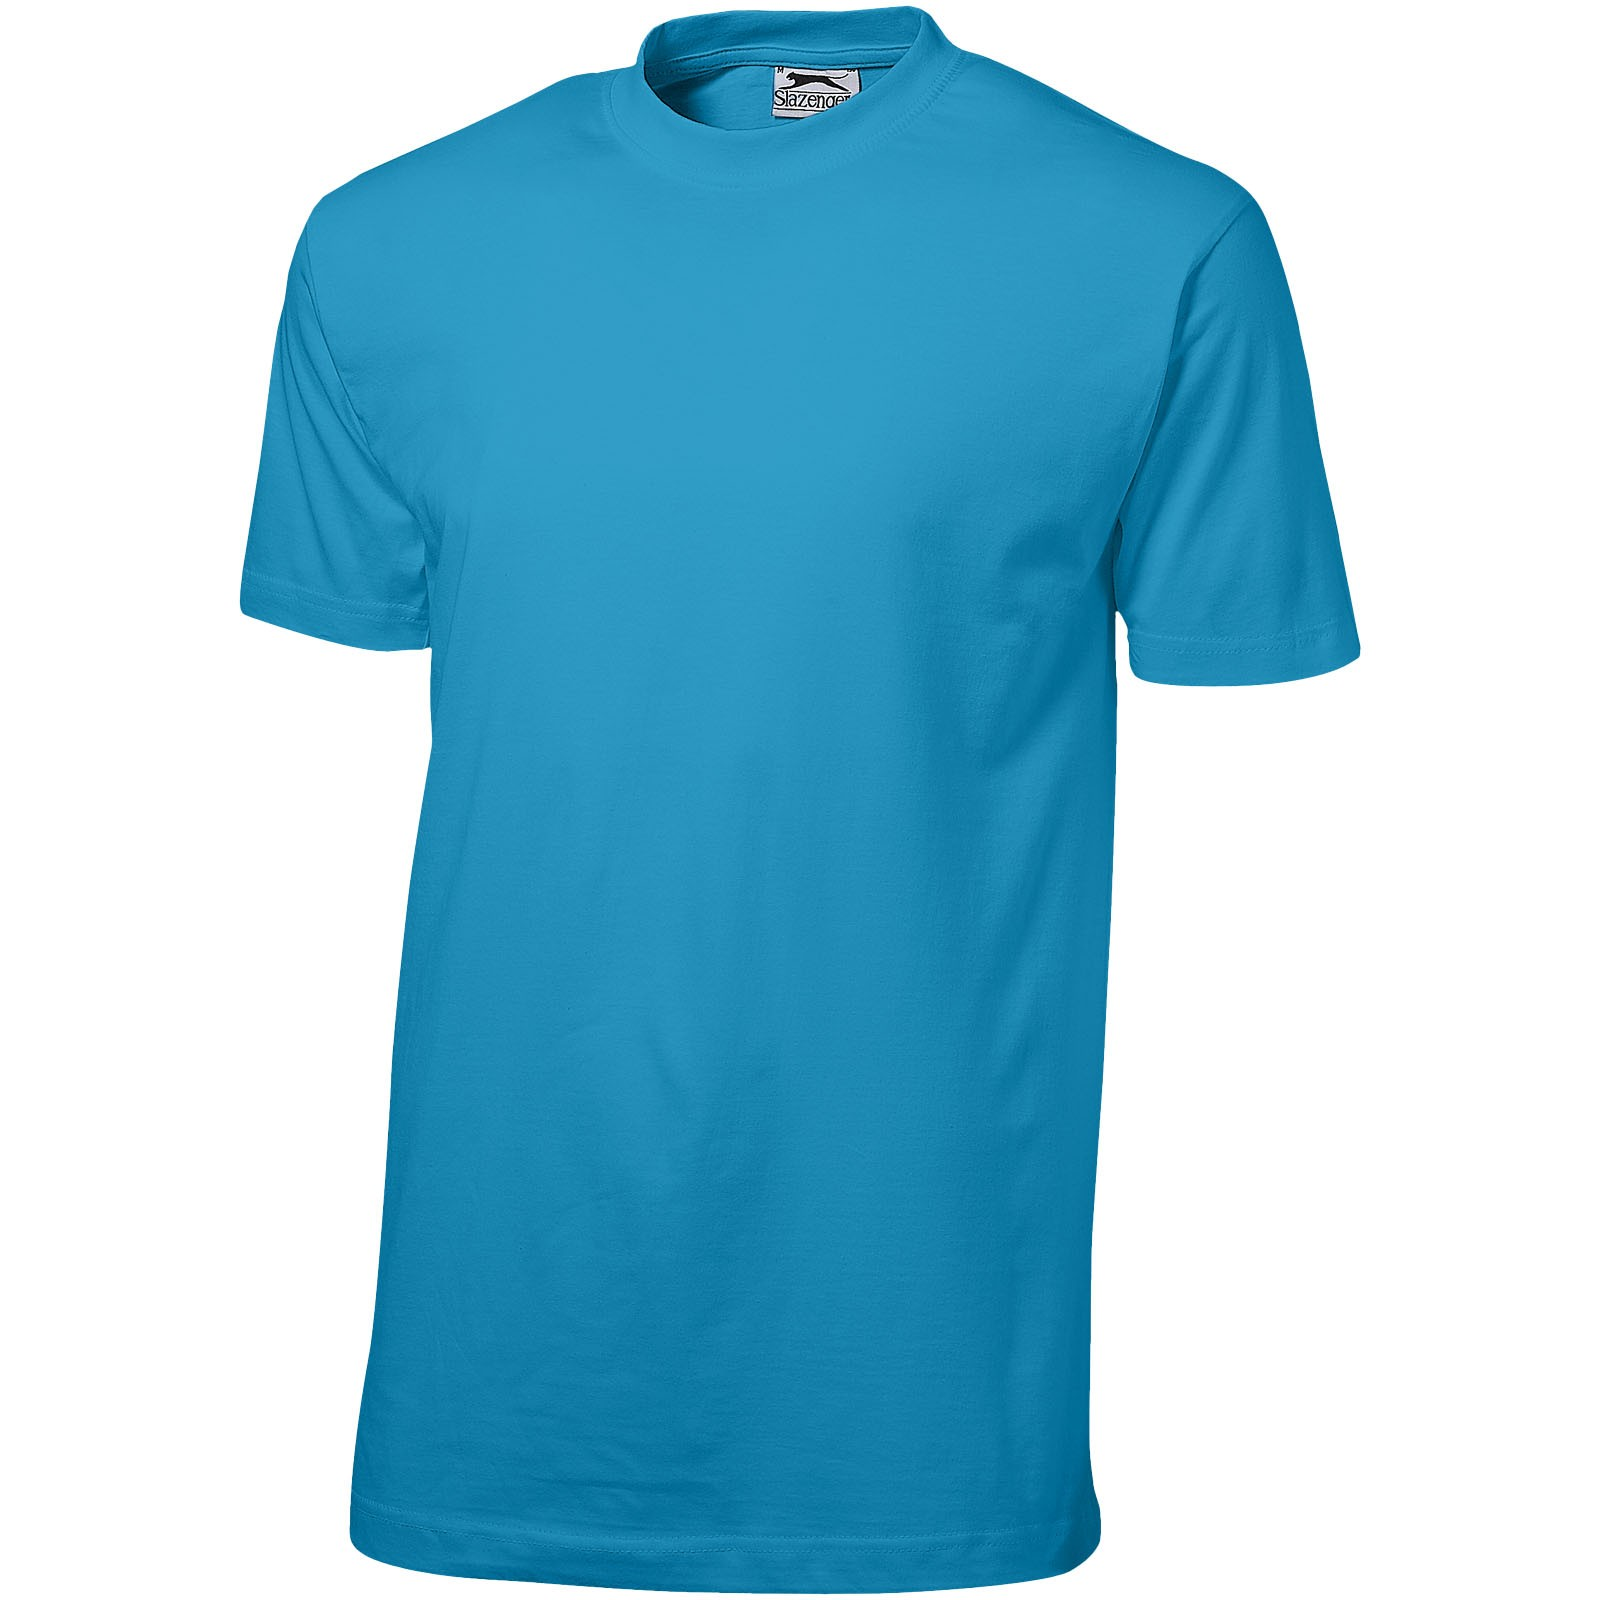 Ace short sleeve men's t-shirt - Aqua / S